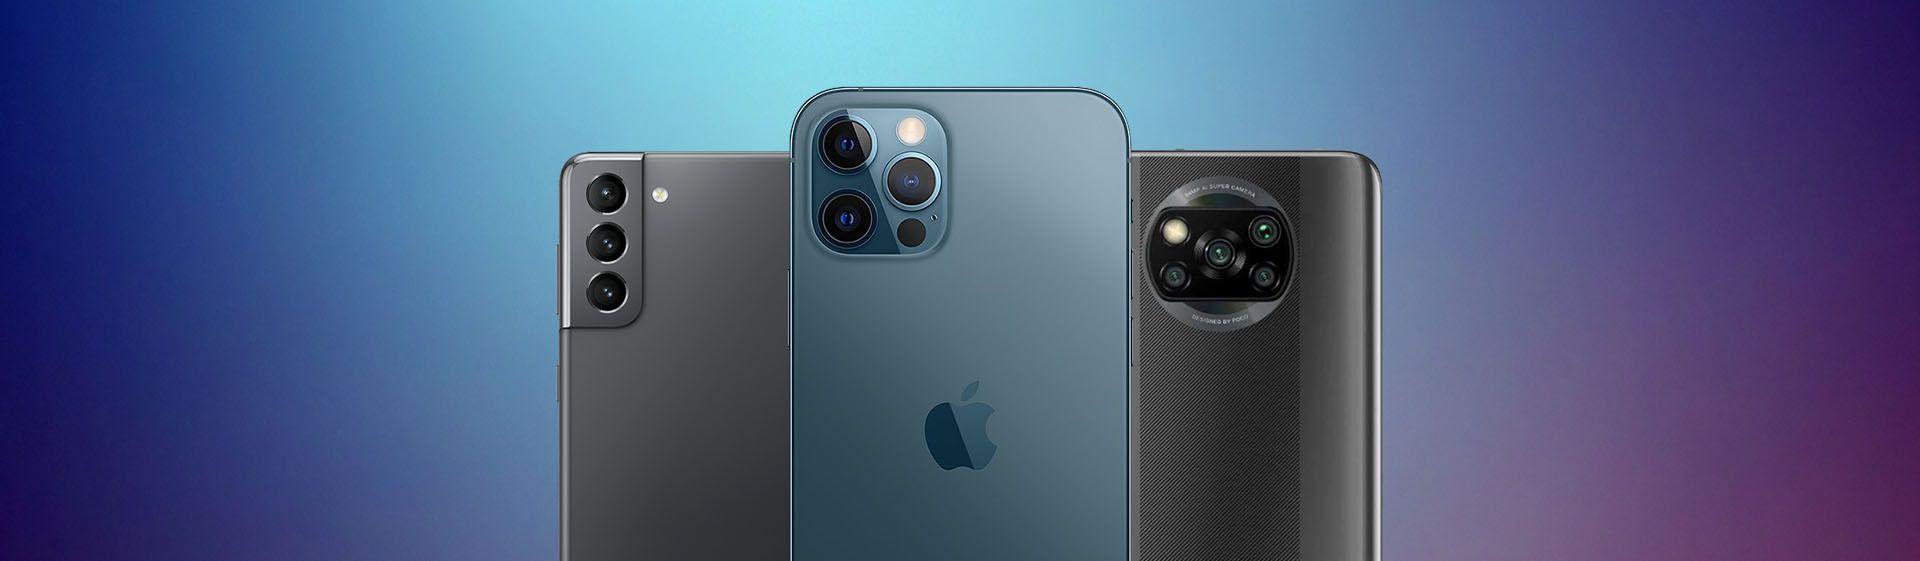 Marcas de celulares: qual é a melhor?